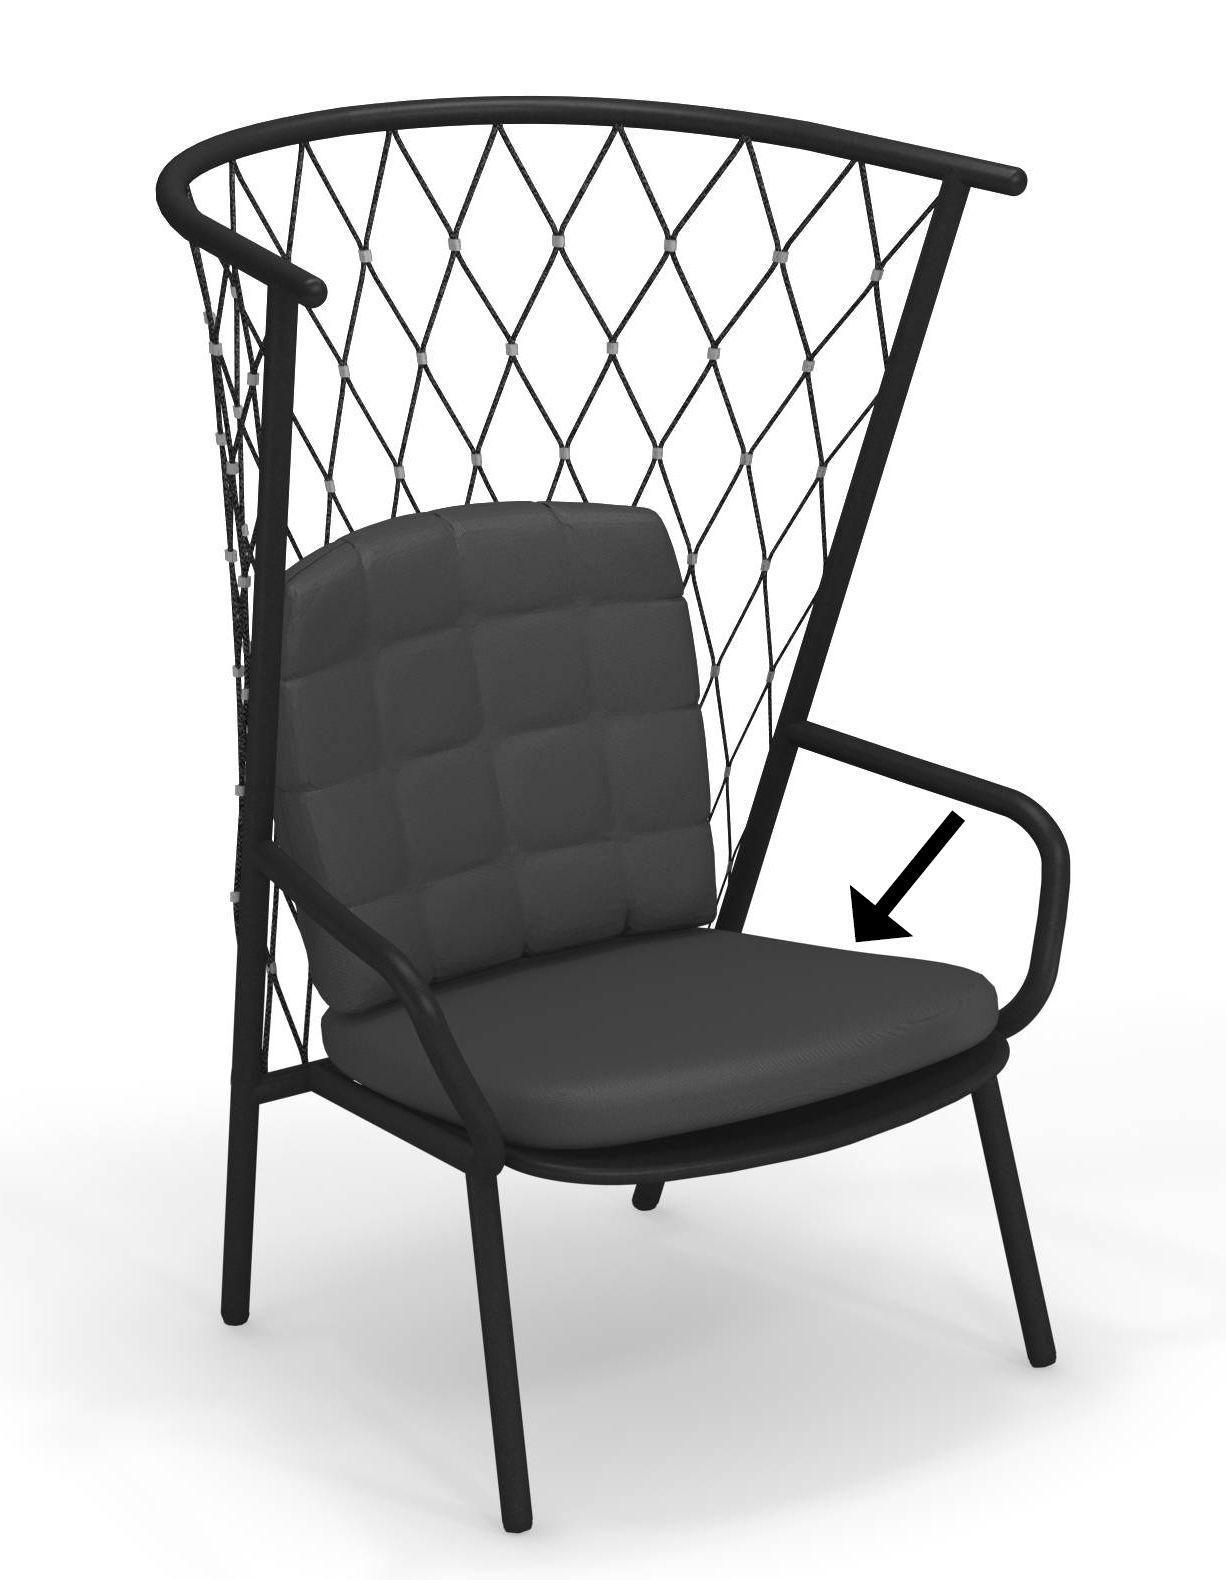 Furniture - Armchairs - Cushion - seat & backrest / For Nef low armchair by Emu - Dark grey - Acrylic fabric, Foam